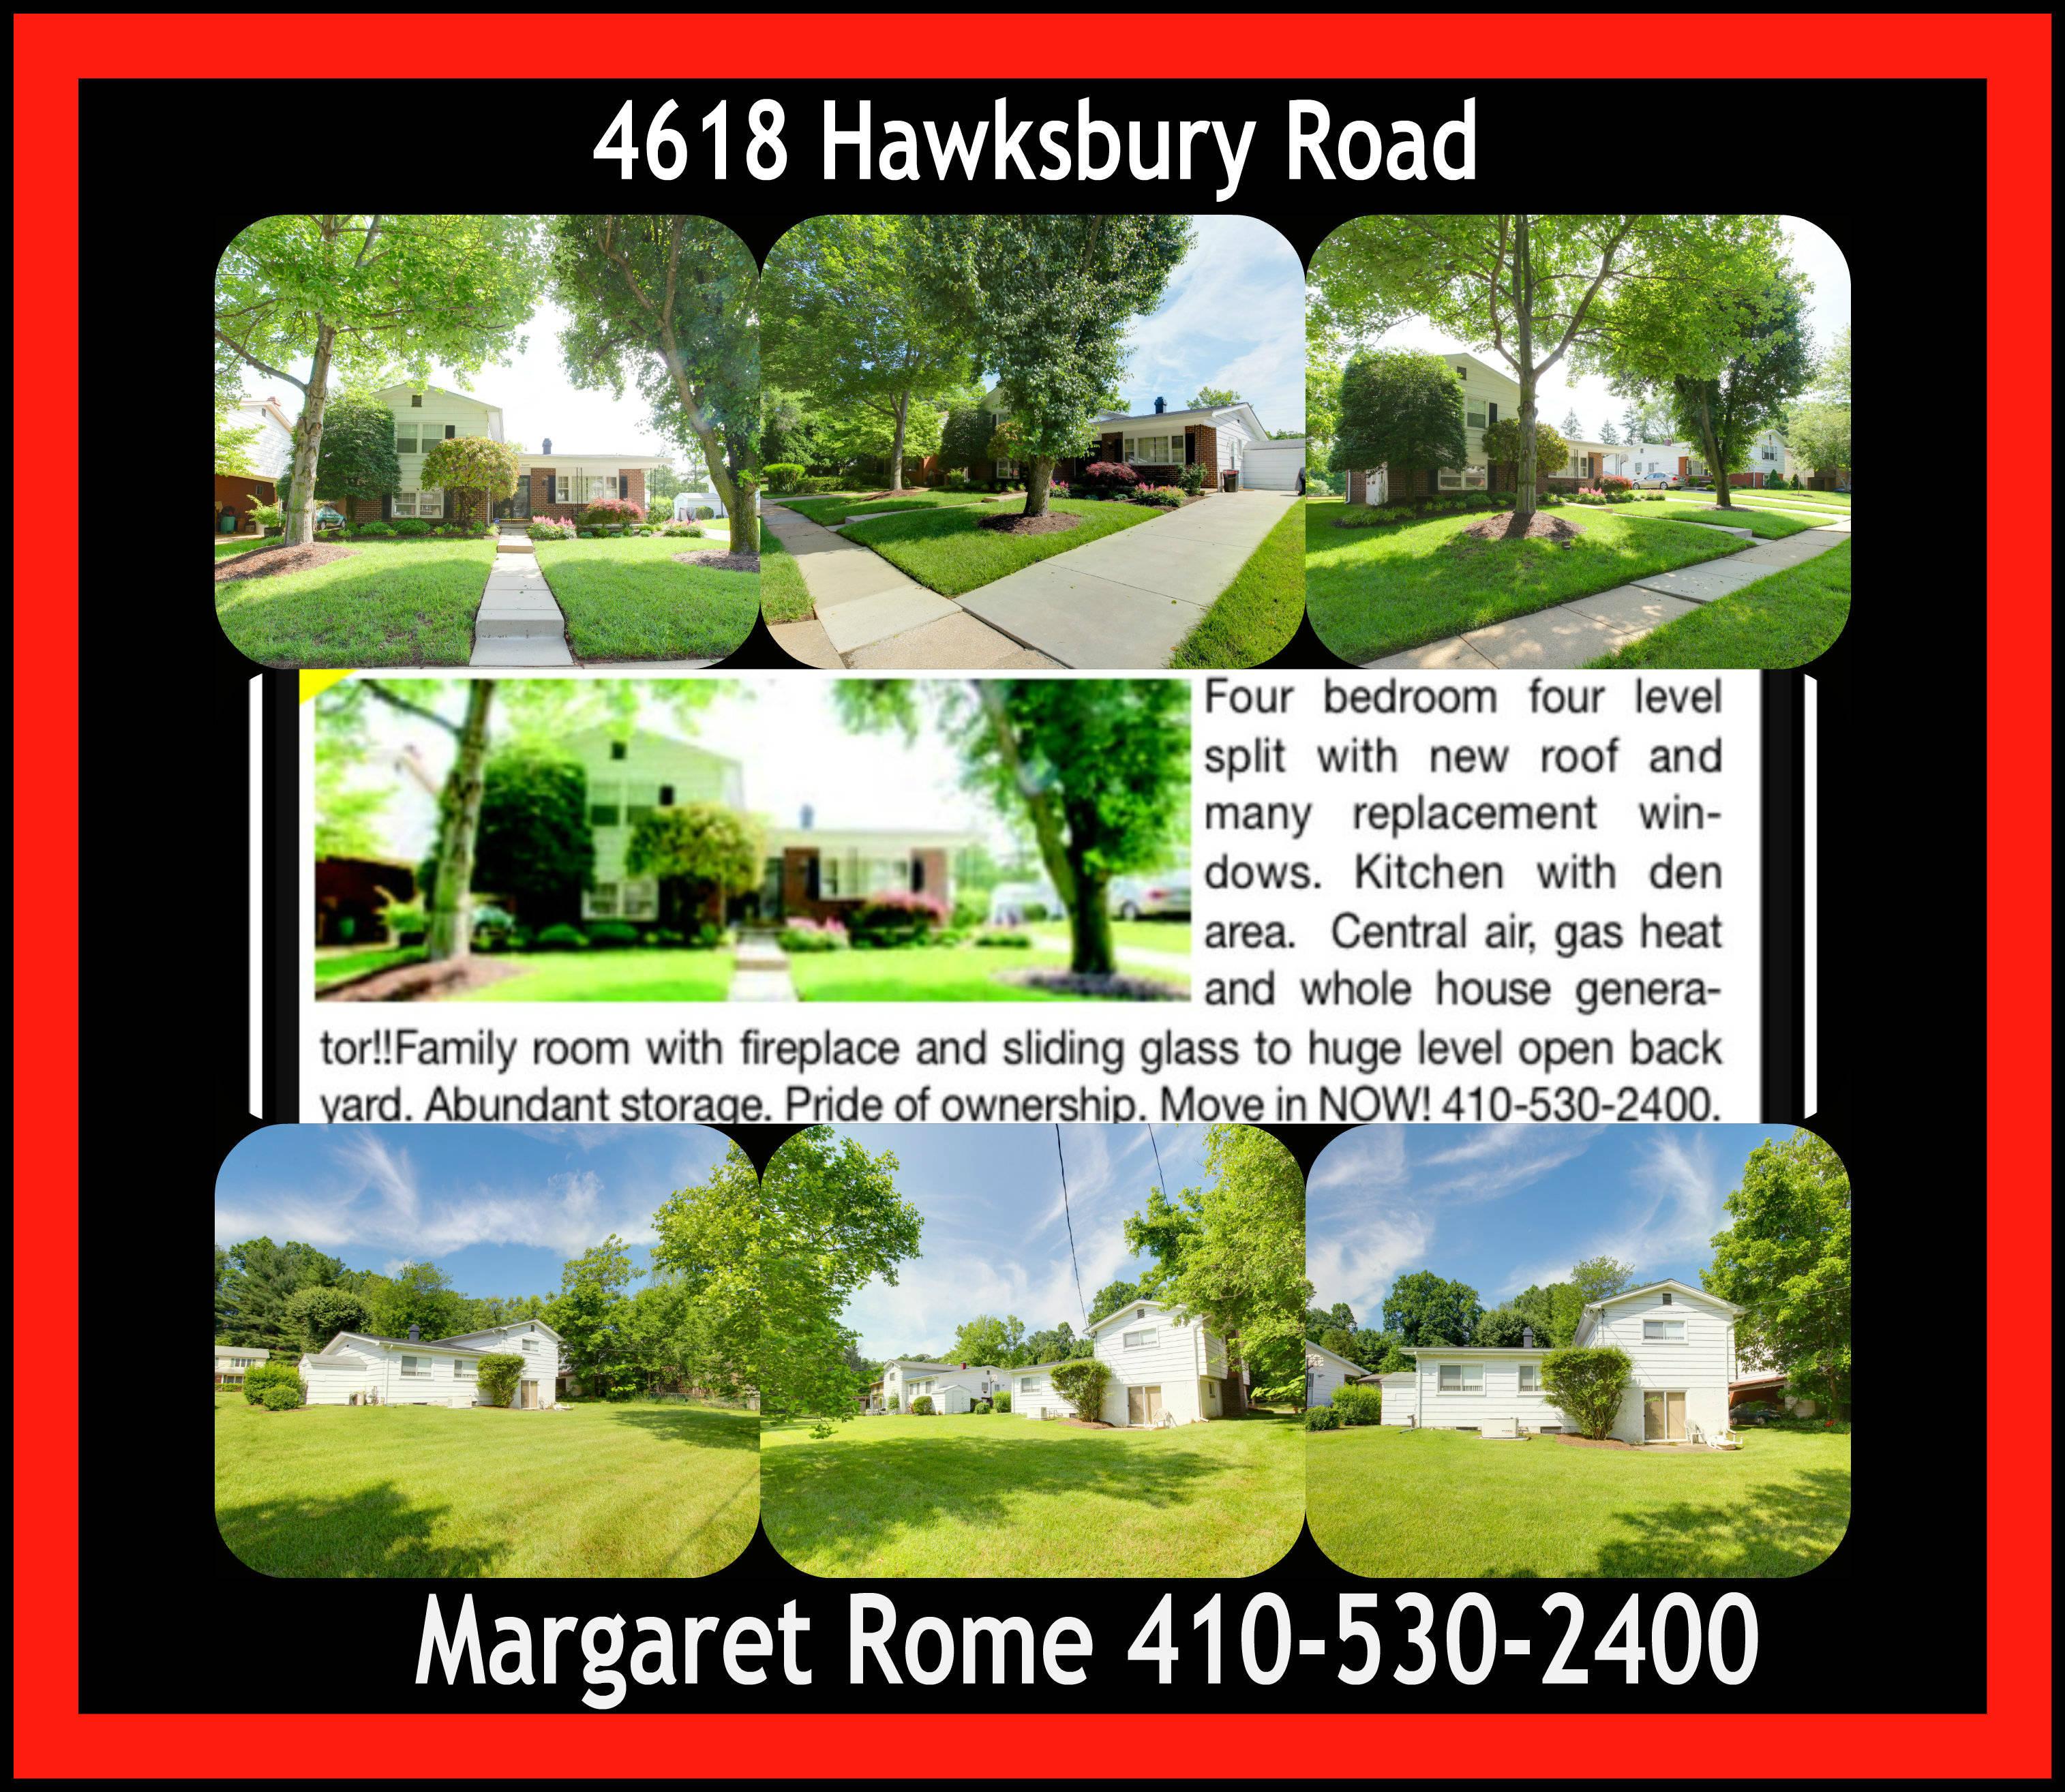 4618 Hawksbury Rd  410-530-2400